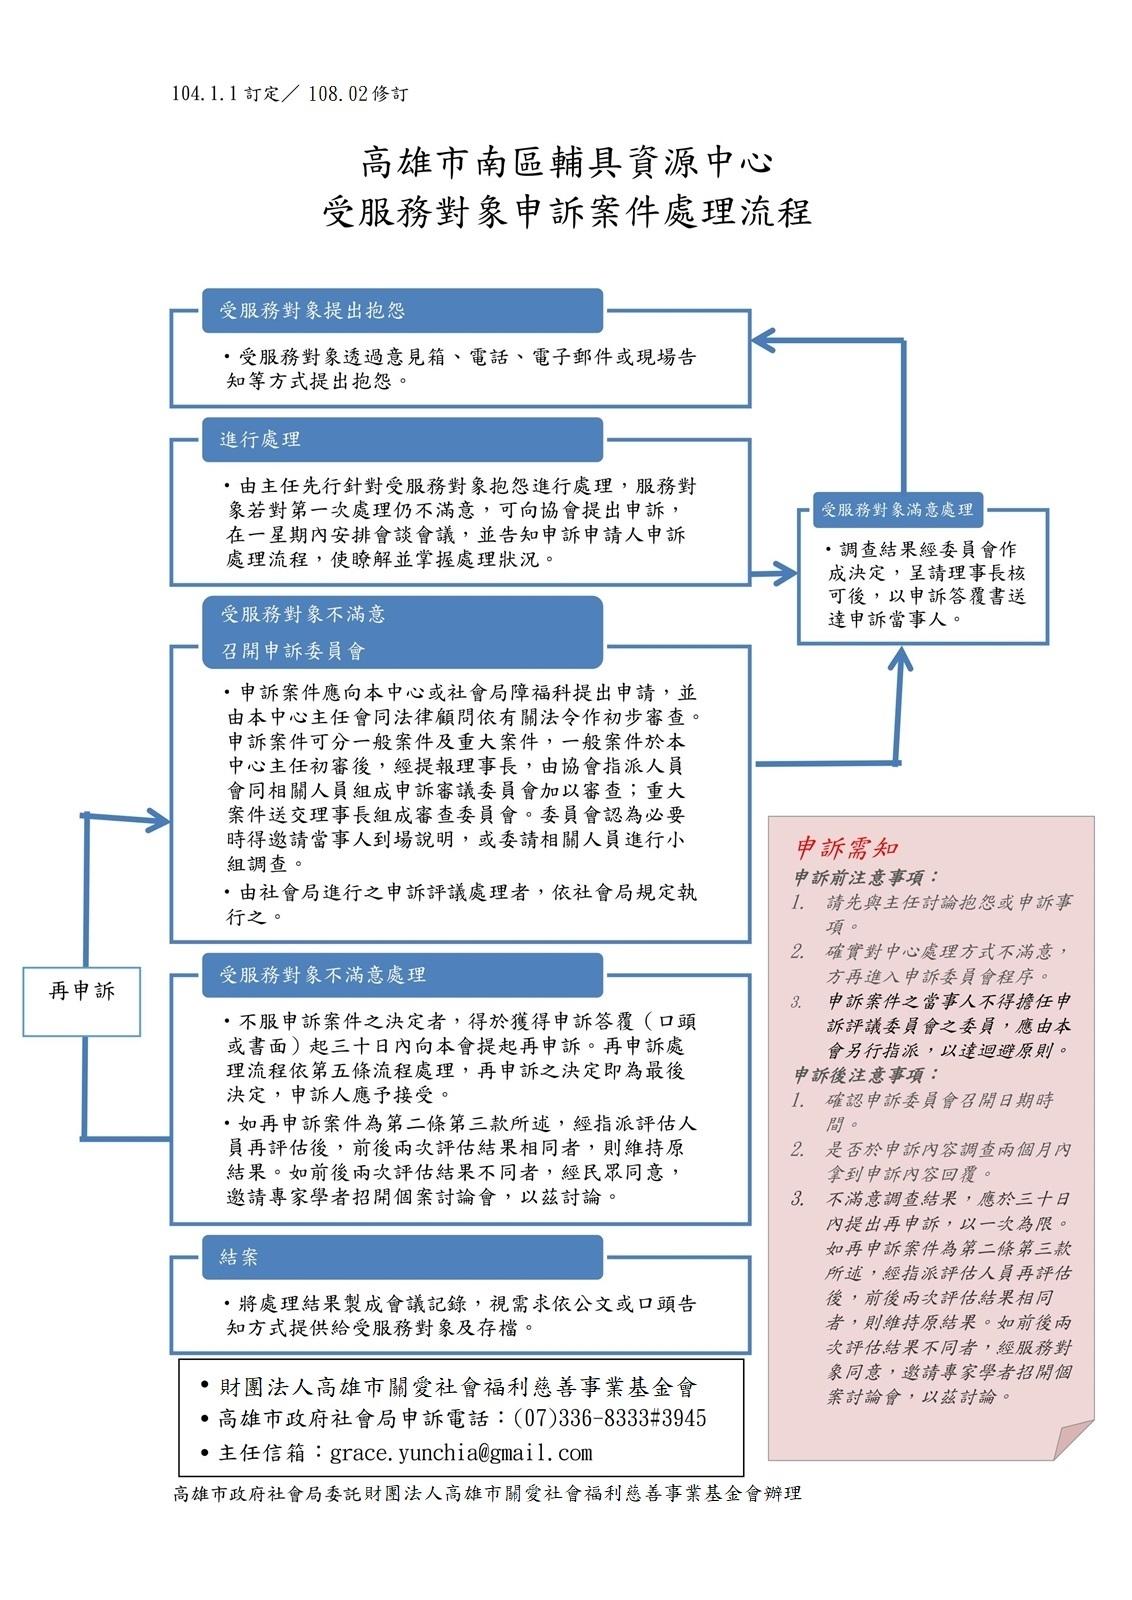 高市南區輔具中心受服務對象申訴流程圖